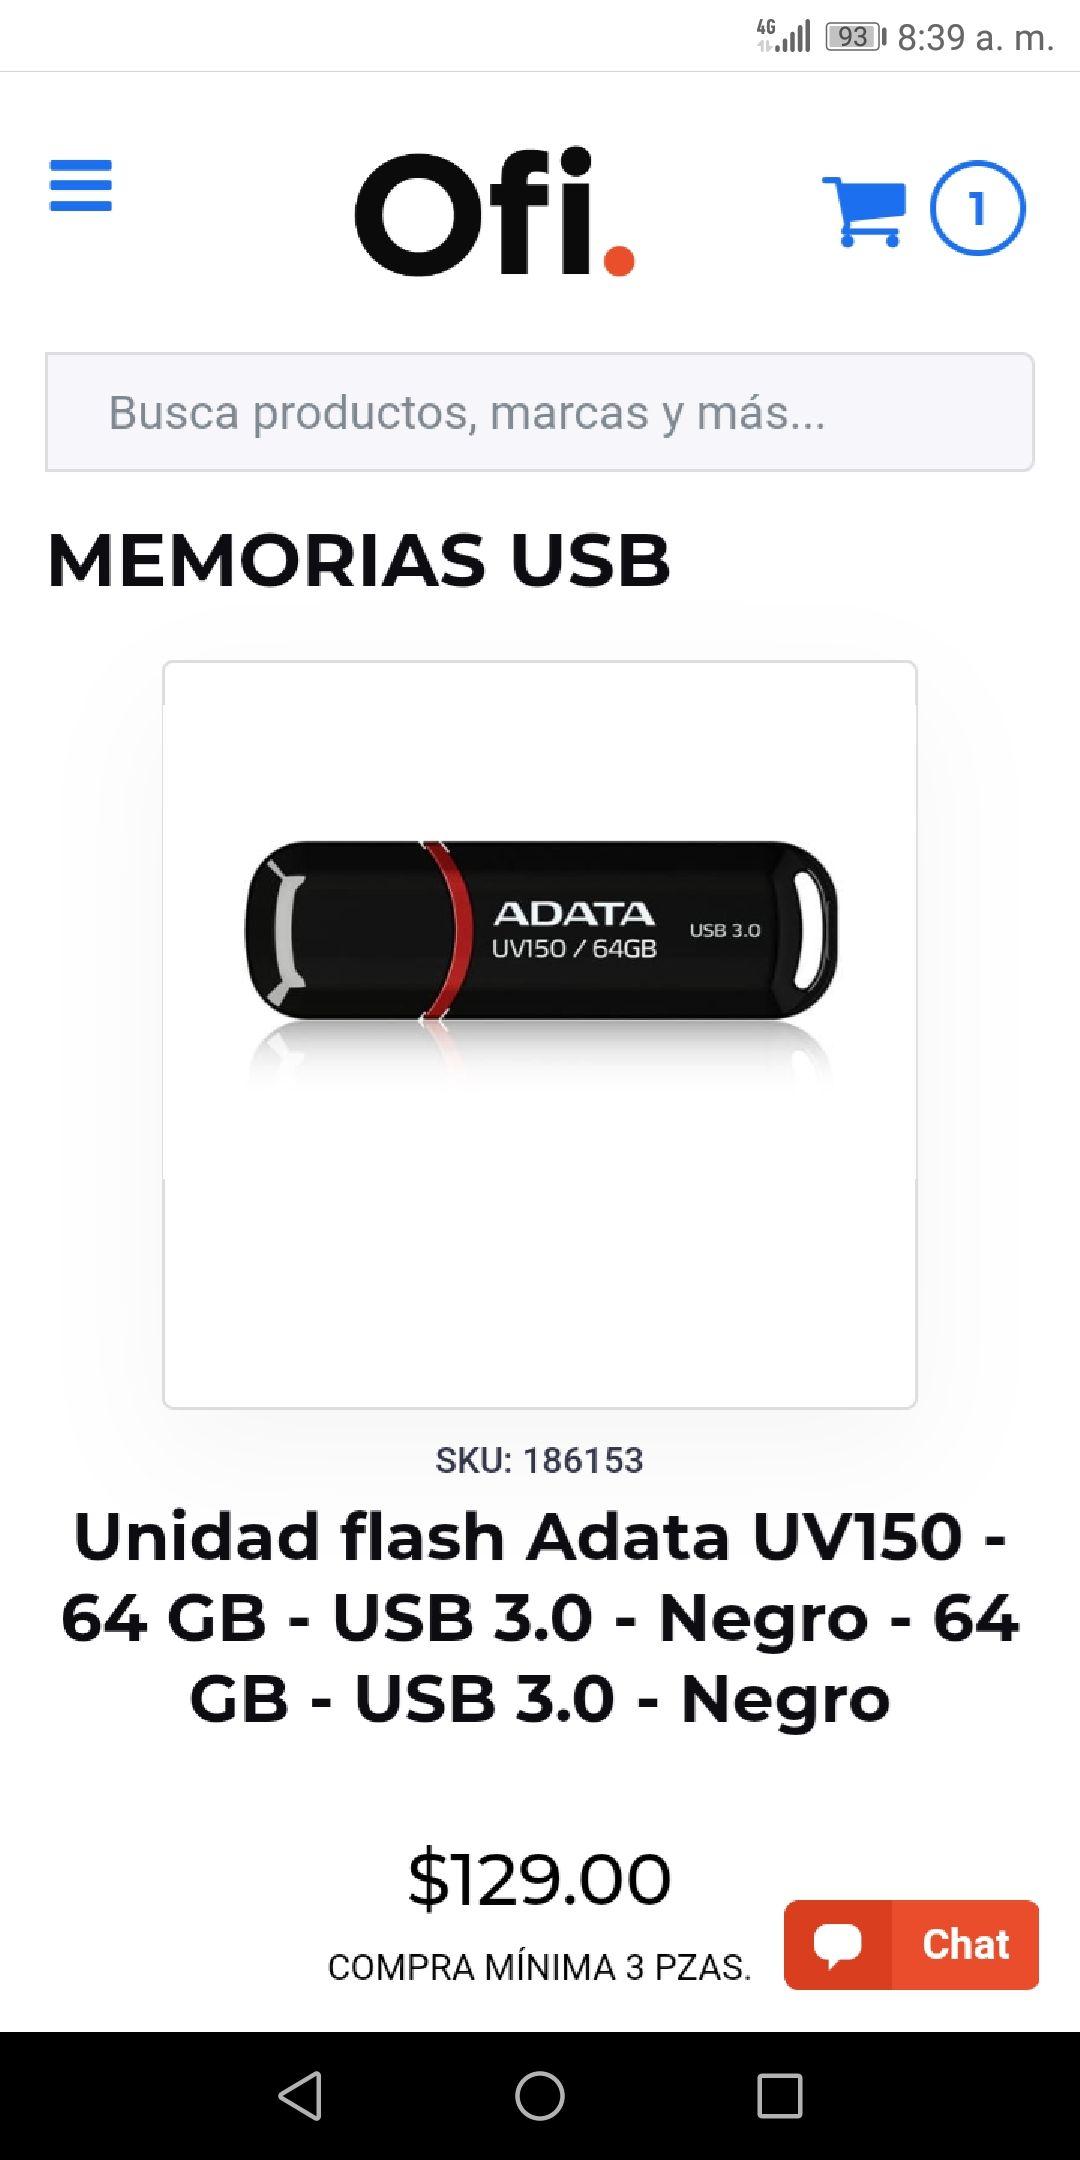 Ofi: Memoria usb Adata 3.0 64 gb